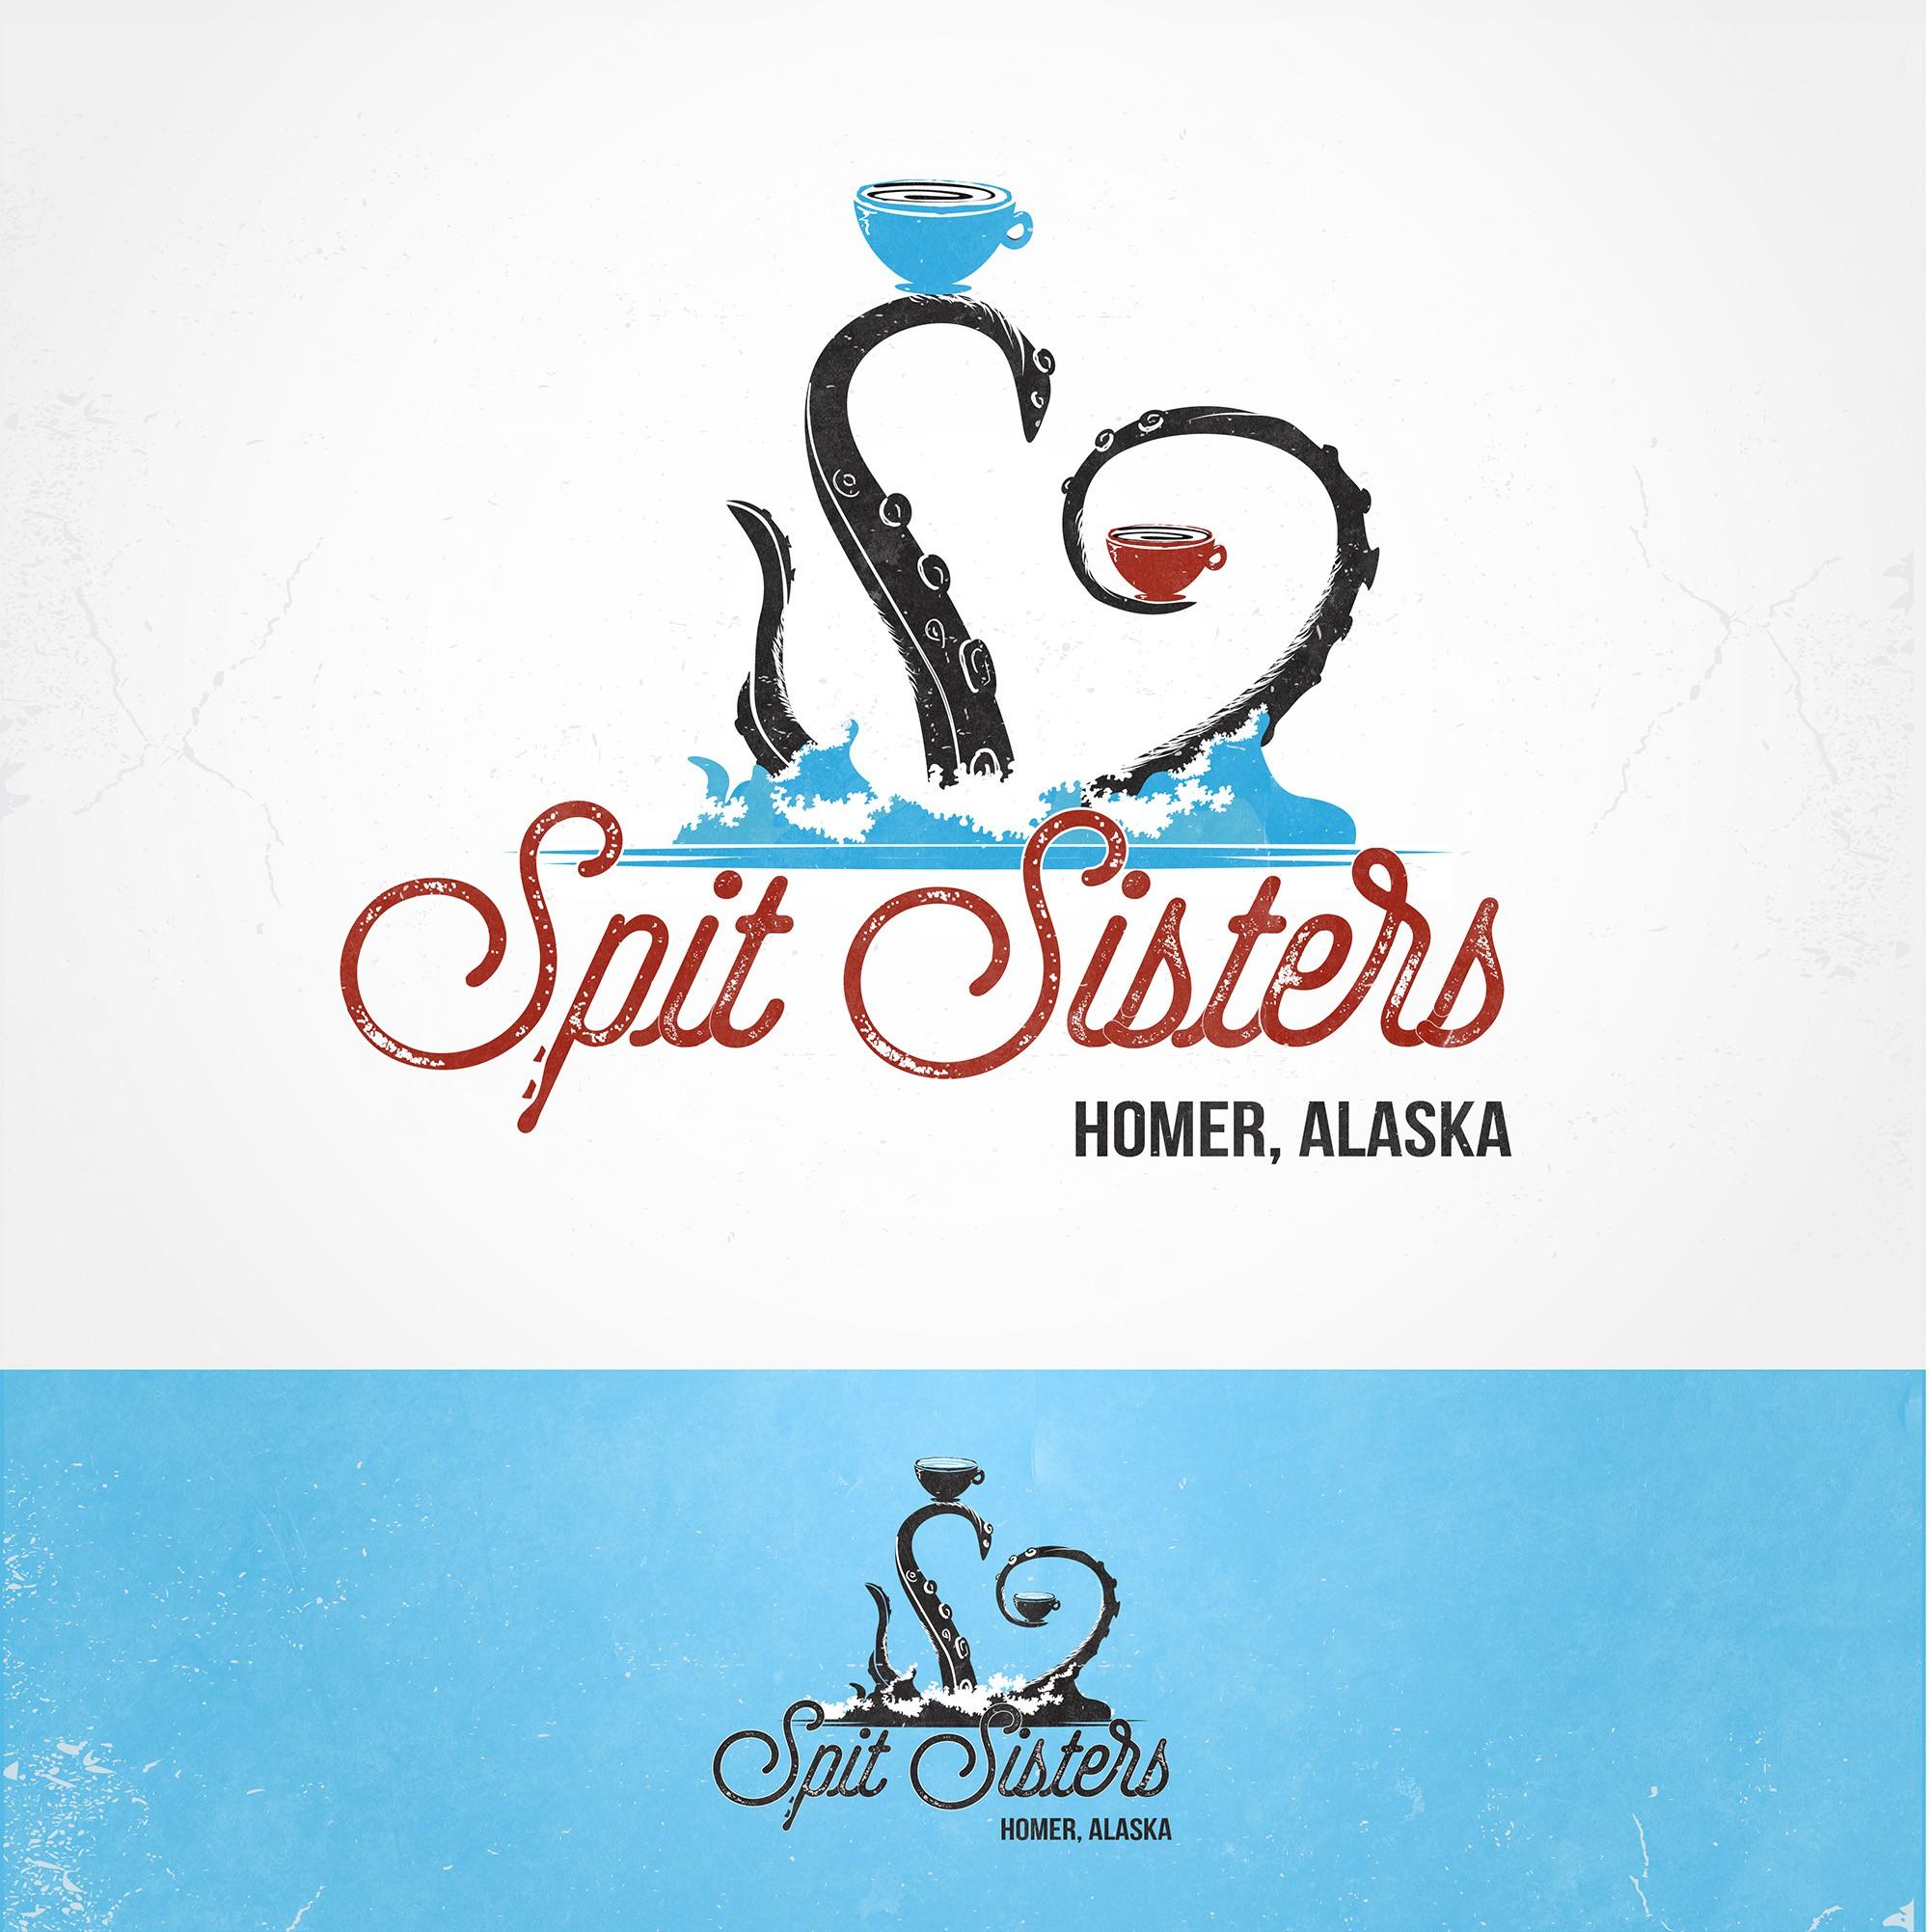 Create a funky coffee shop logo for a Homer Alaska company